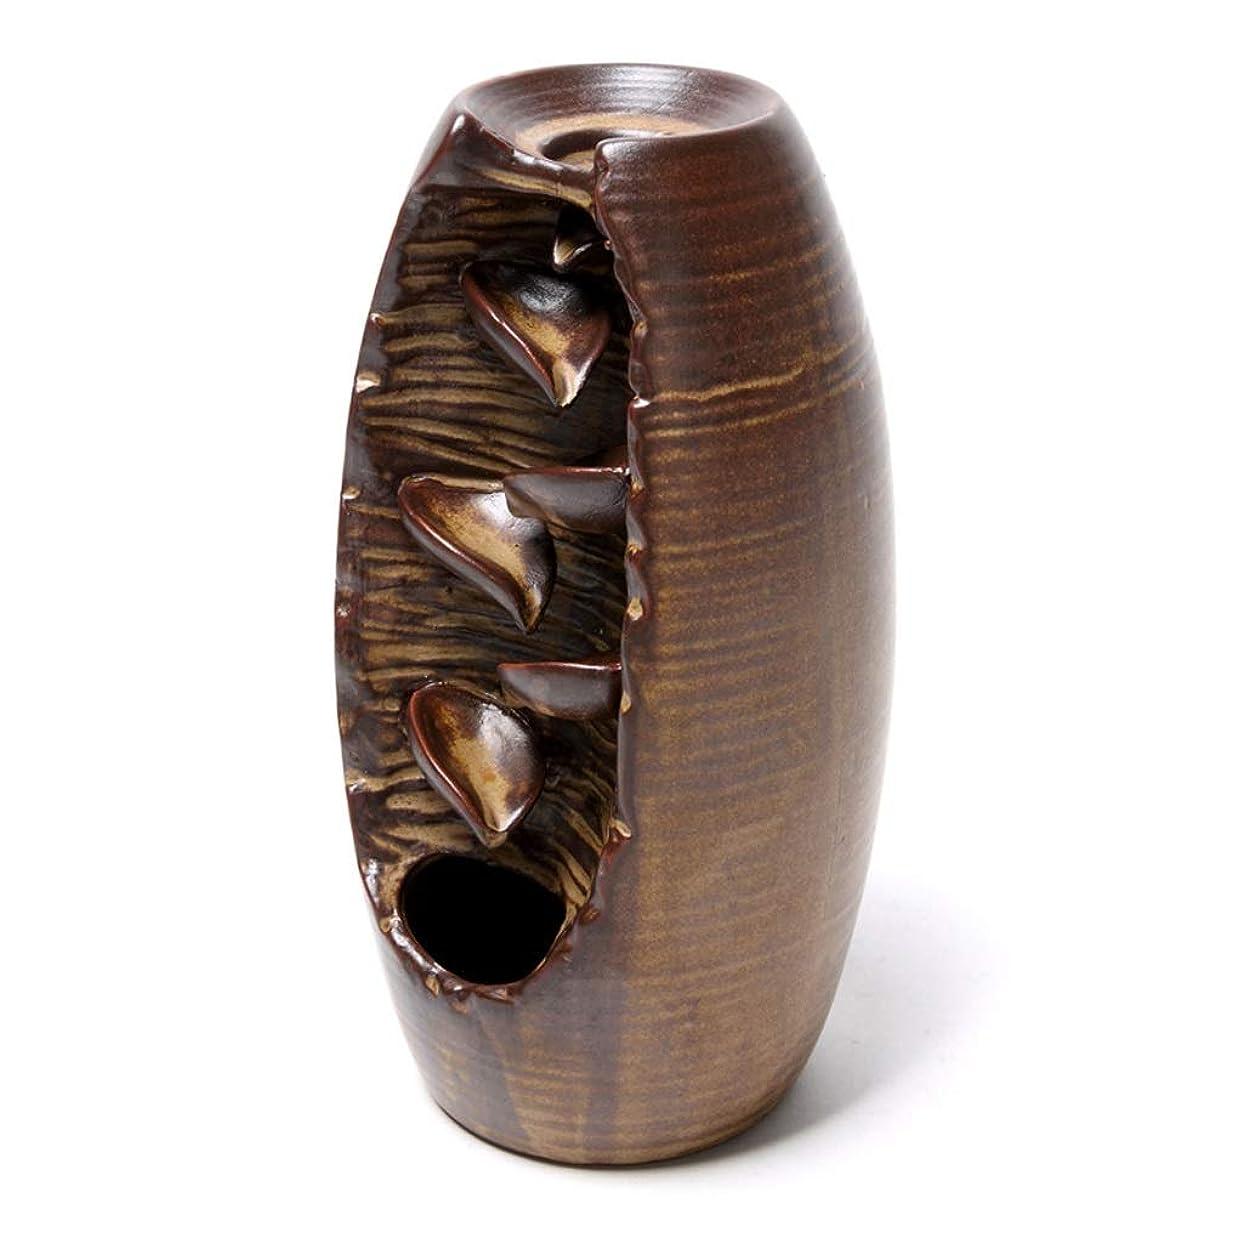 佐賀ガム処理するセラミック逆流香炉逆流香ホルダーホームセラミックオフィス香コーンホルダーバーナーアロマセラピー炉 (Color : Brown, サイズ : 3.54*8.07 inches)